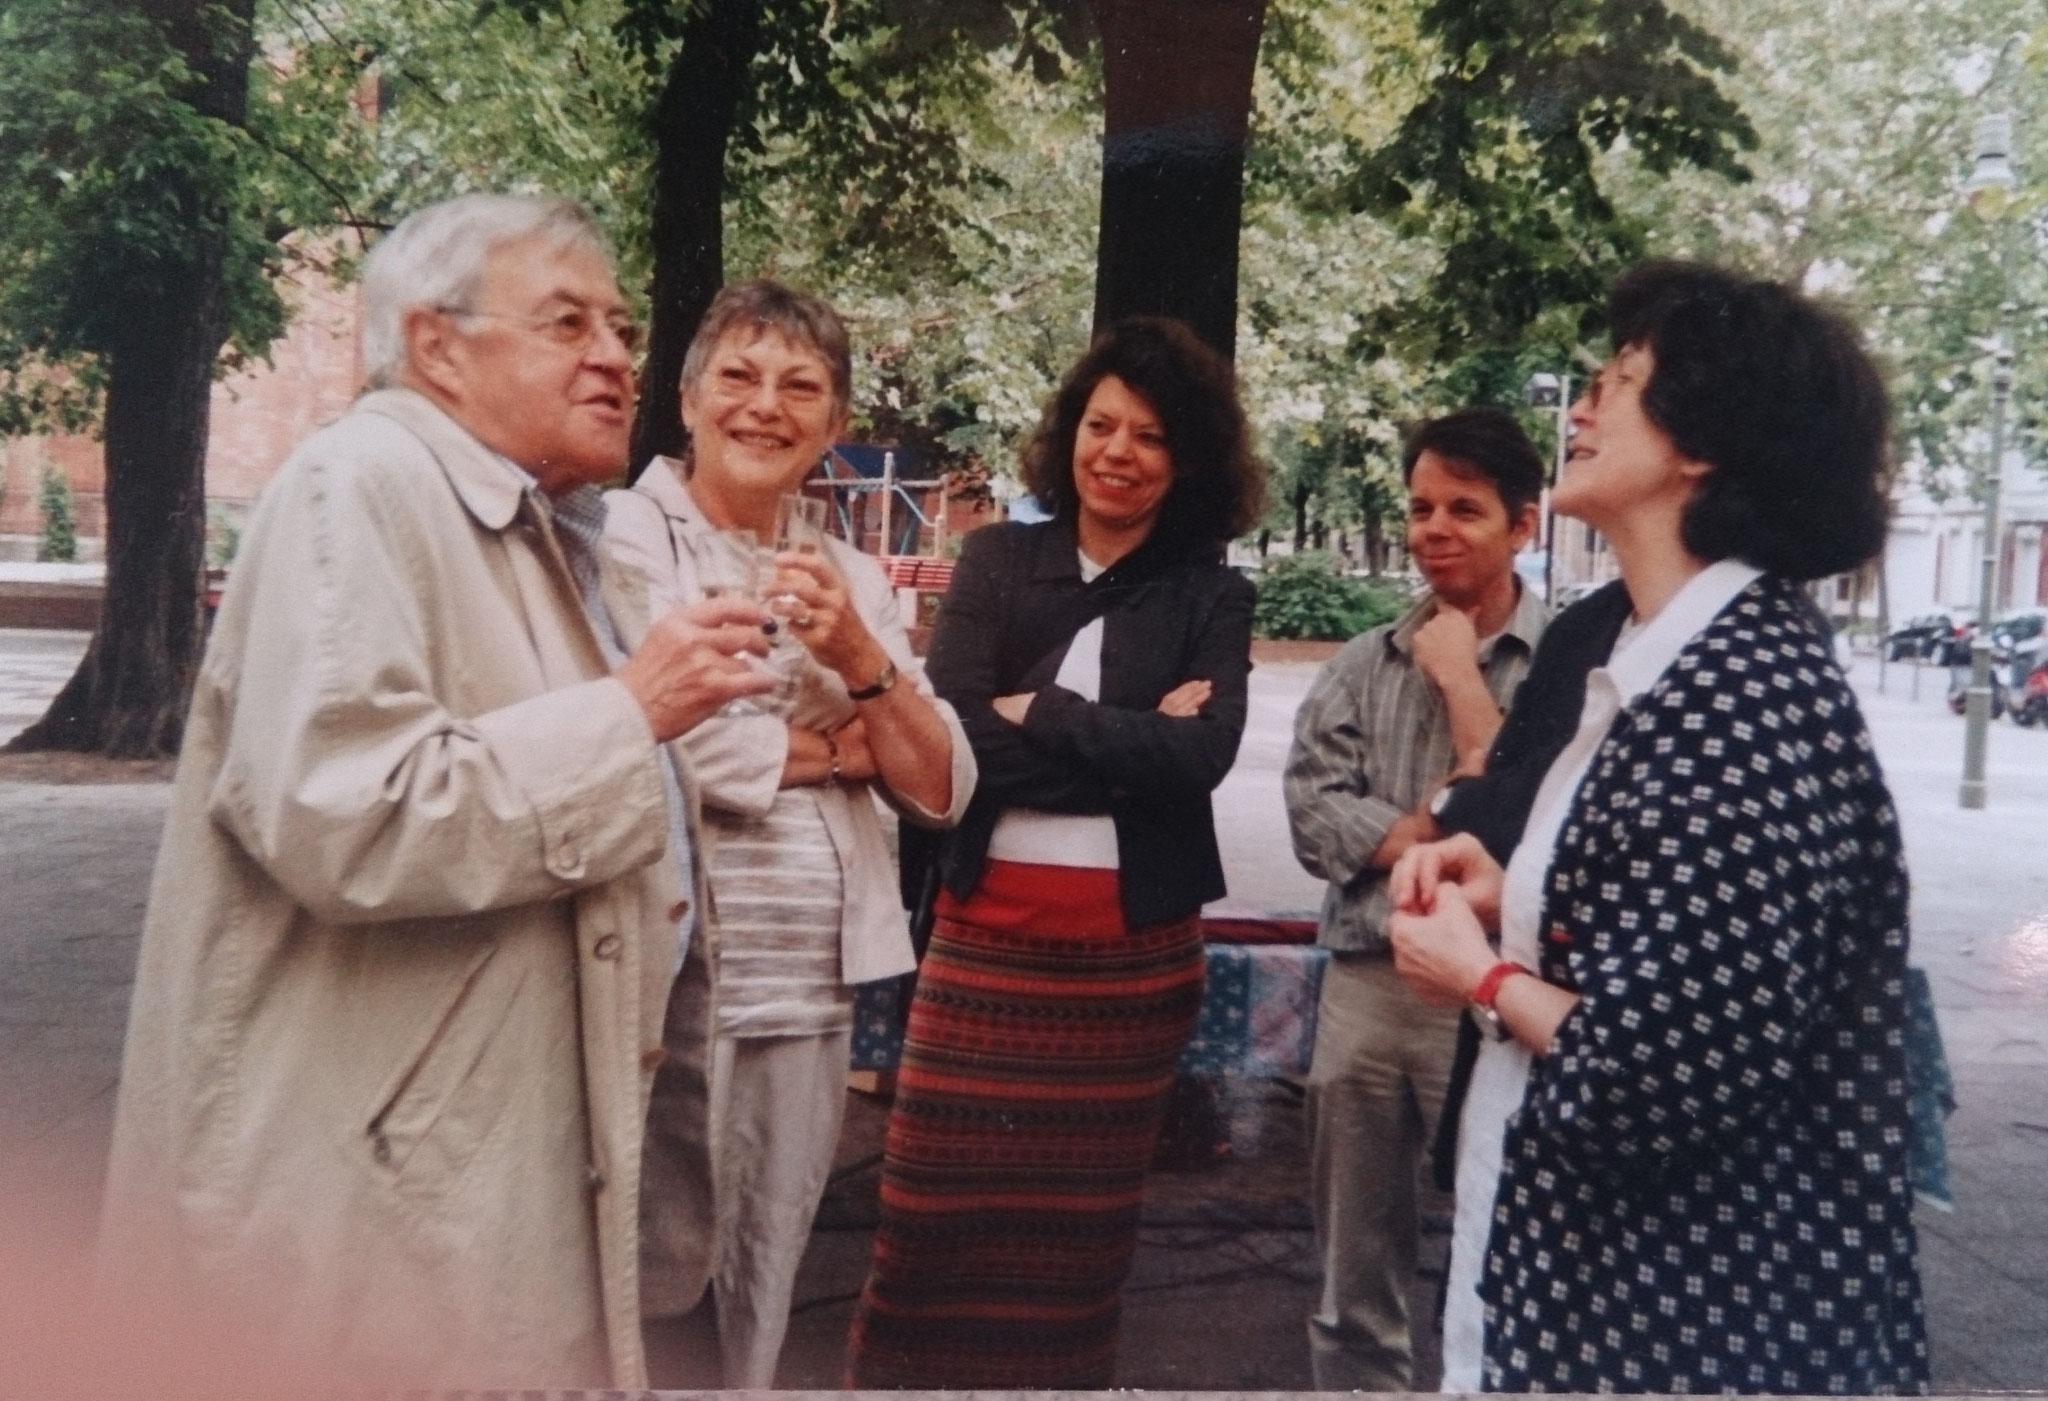 Peter Nestler und Anke Martini (links) im Gespräch mit Regine Lockot, Anja Rechenbach und Michael Viernickel im Hintergrund